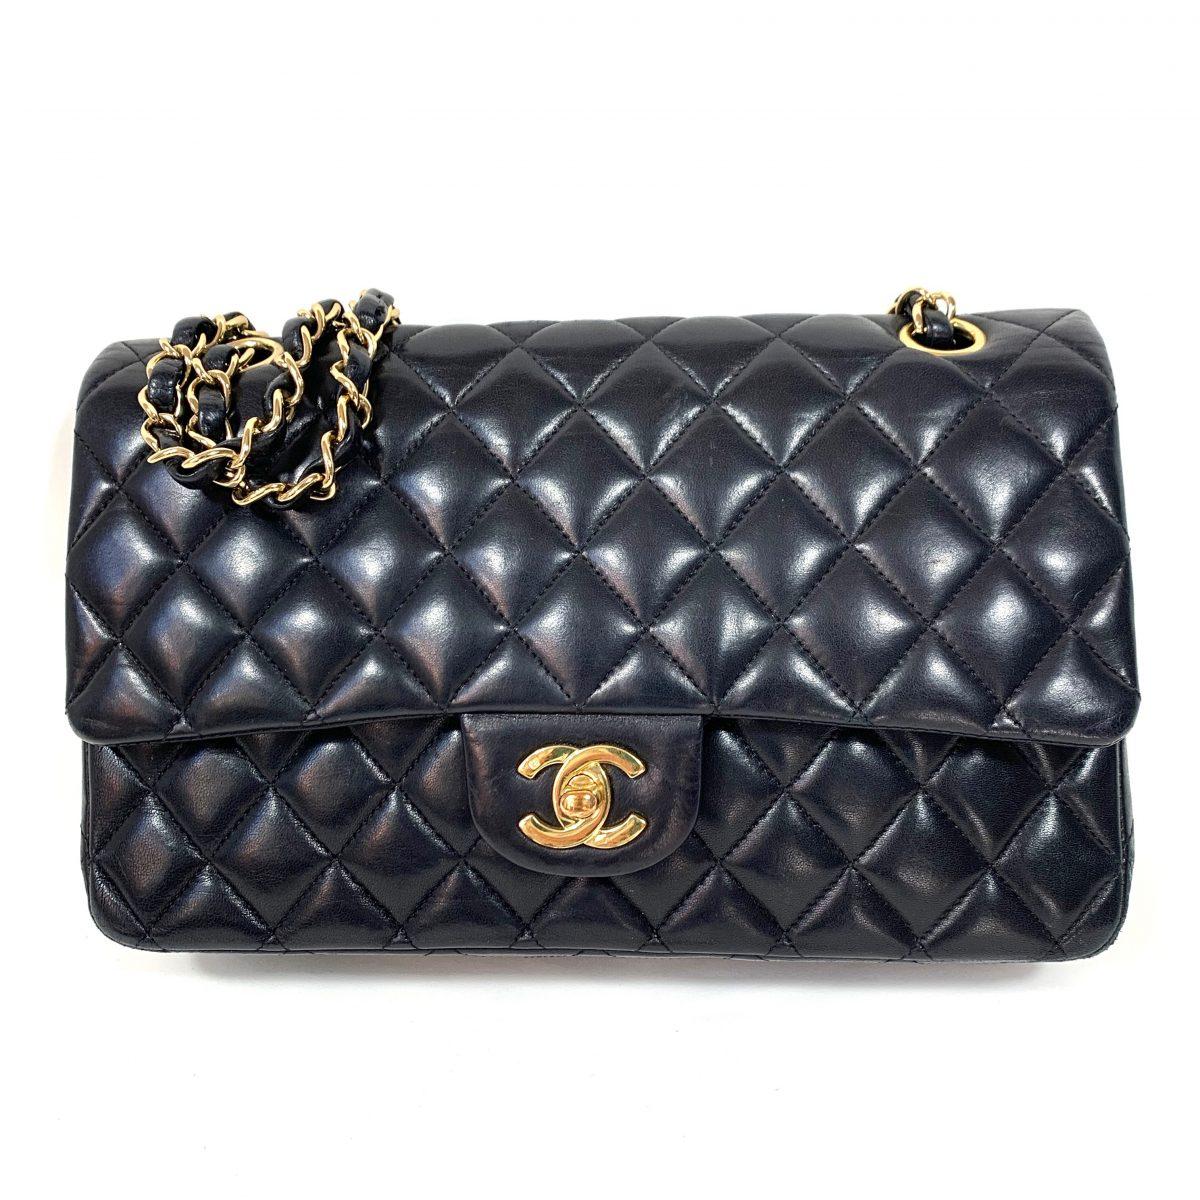 Chanel designer bag